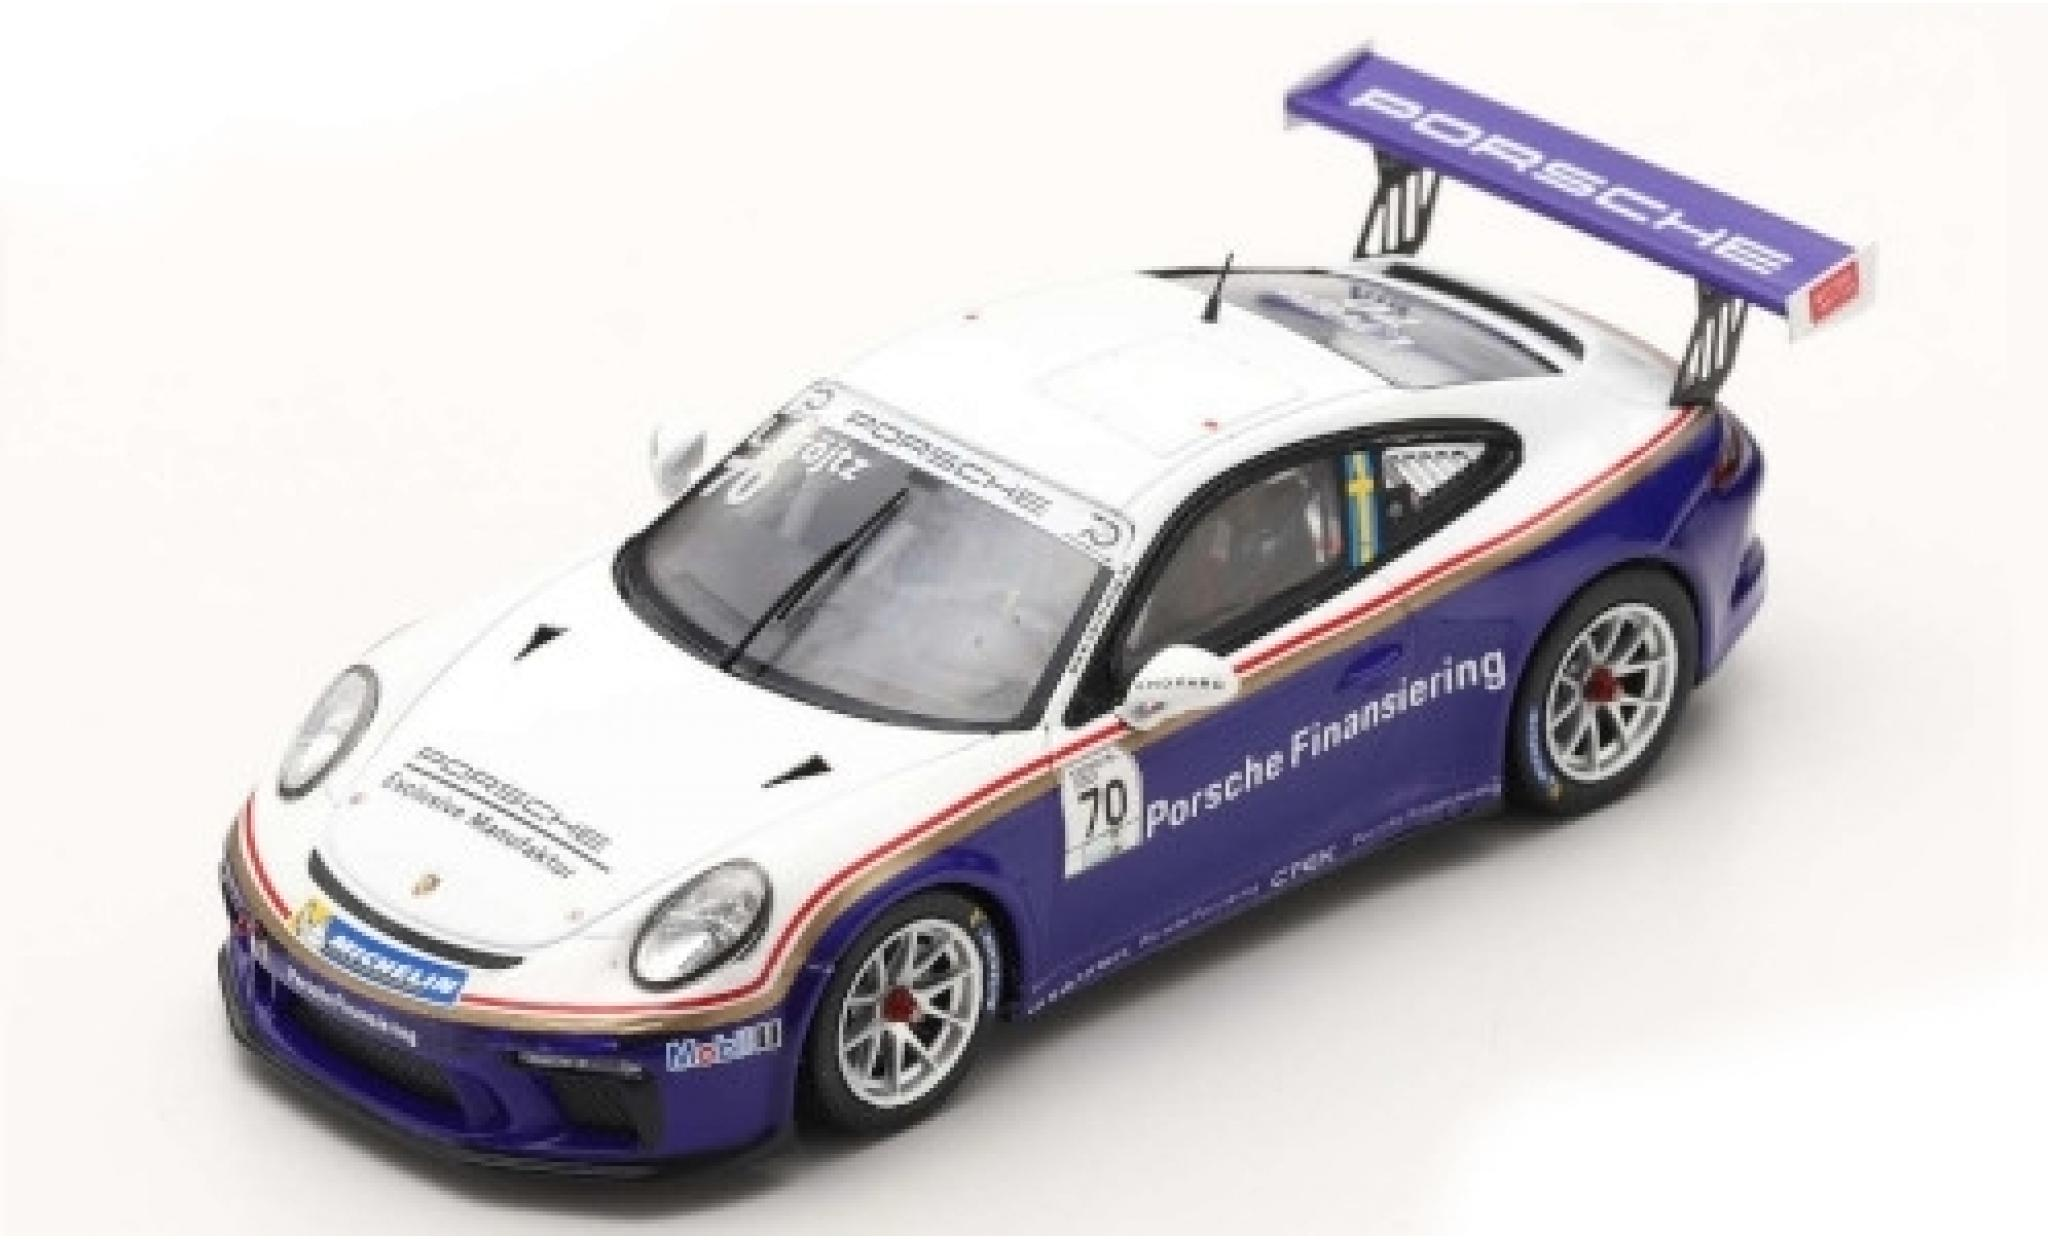 Porsche 991 GT3 Cup 1/43 Spark 911 (997 II) No.70 Carrera Cup Scandinavia Gellerasen Arena 2018 70th Anniversaire S.Blomqvist